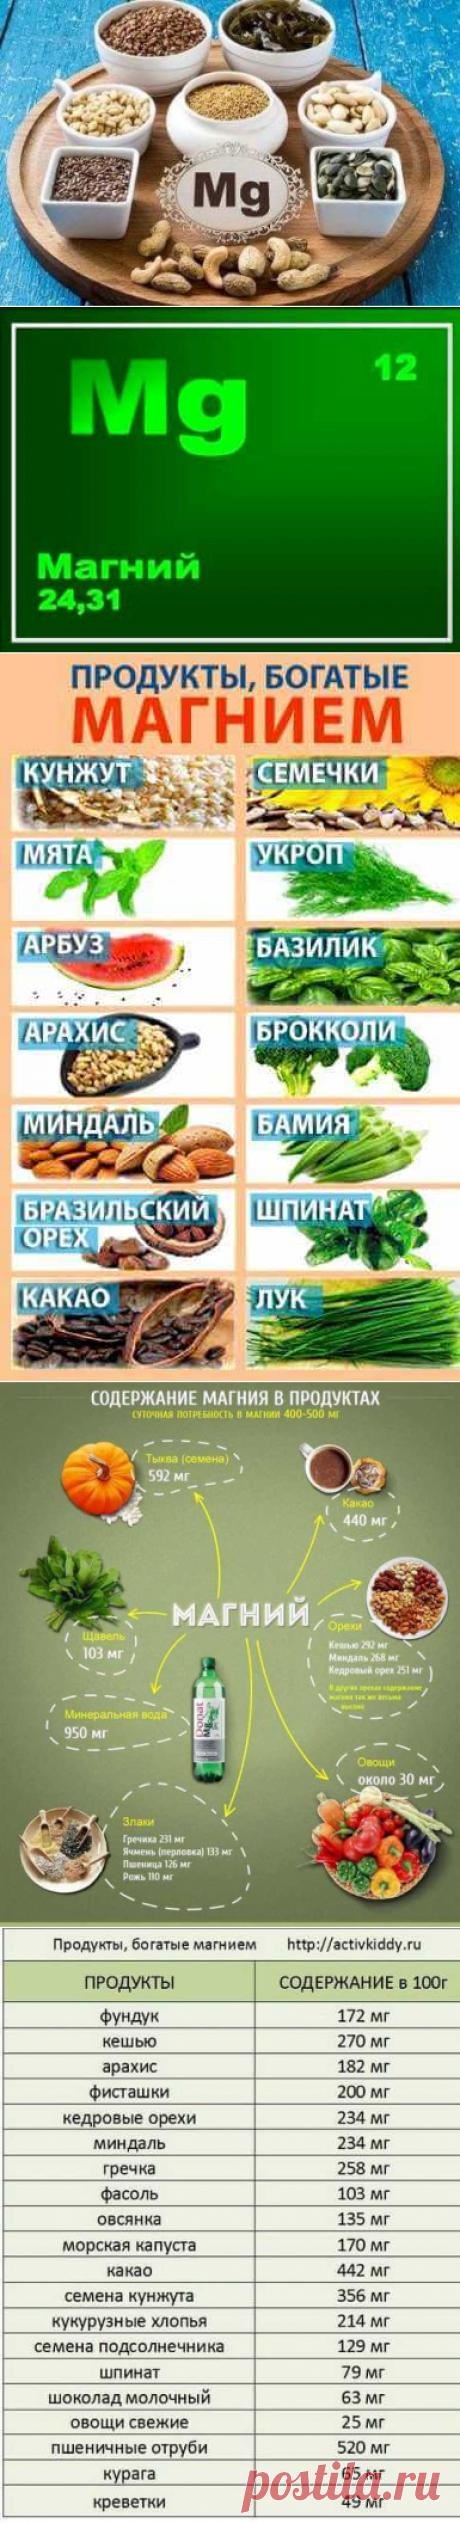 Магний и кальций в каких продуктах содержится